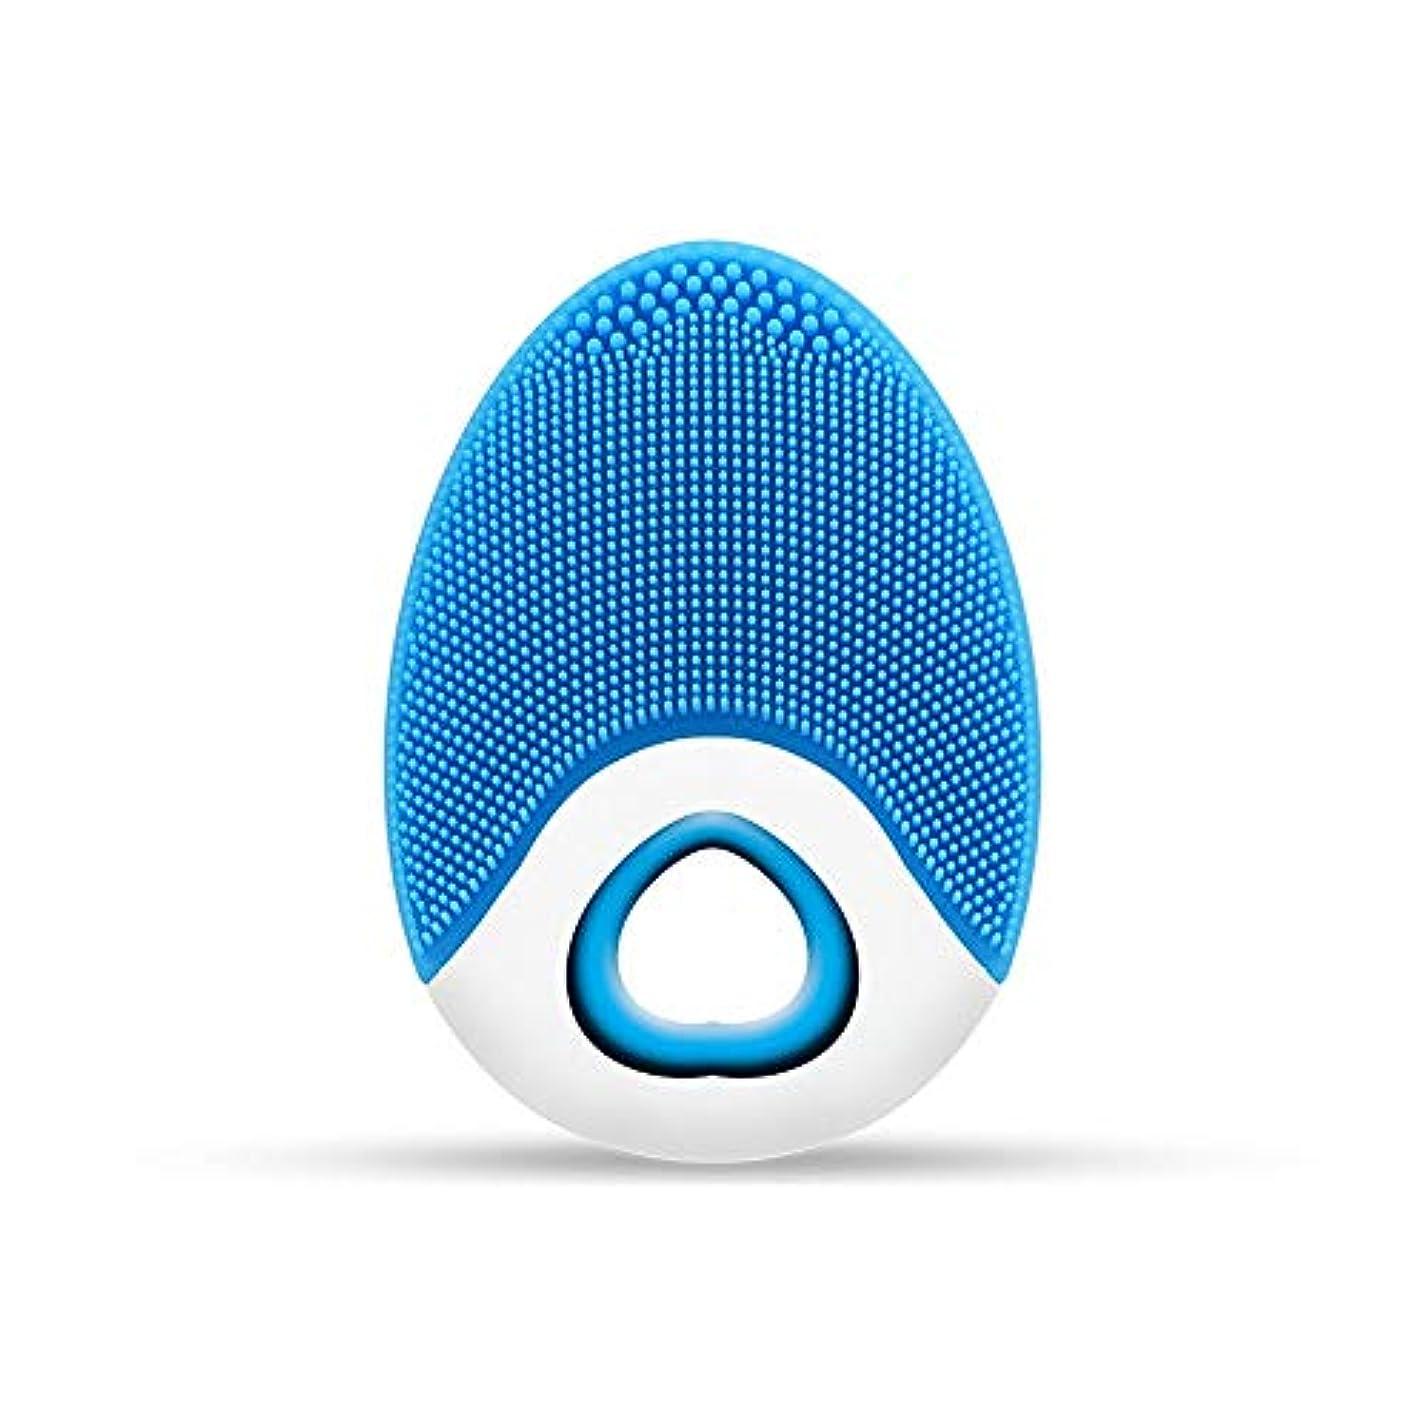 メールを書く召喚するステップZXF ワイヤレス充電電気シリコーンクレンジングブラシ高周波振動防水マルチレベル調整クレンジング楽器美容器具 滑らかである (色 : Blue)